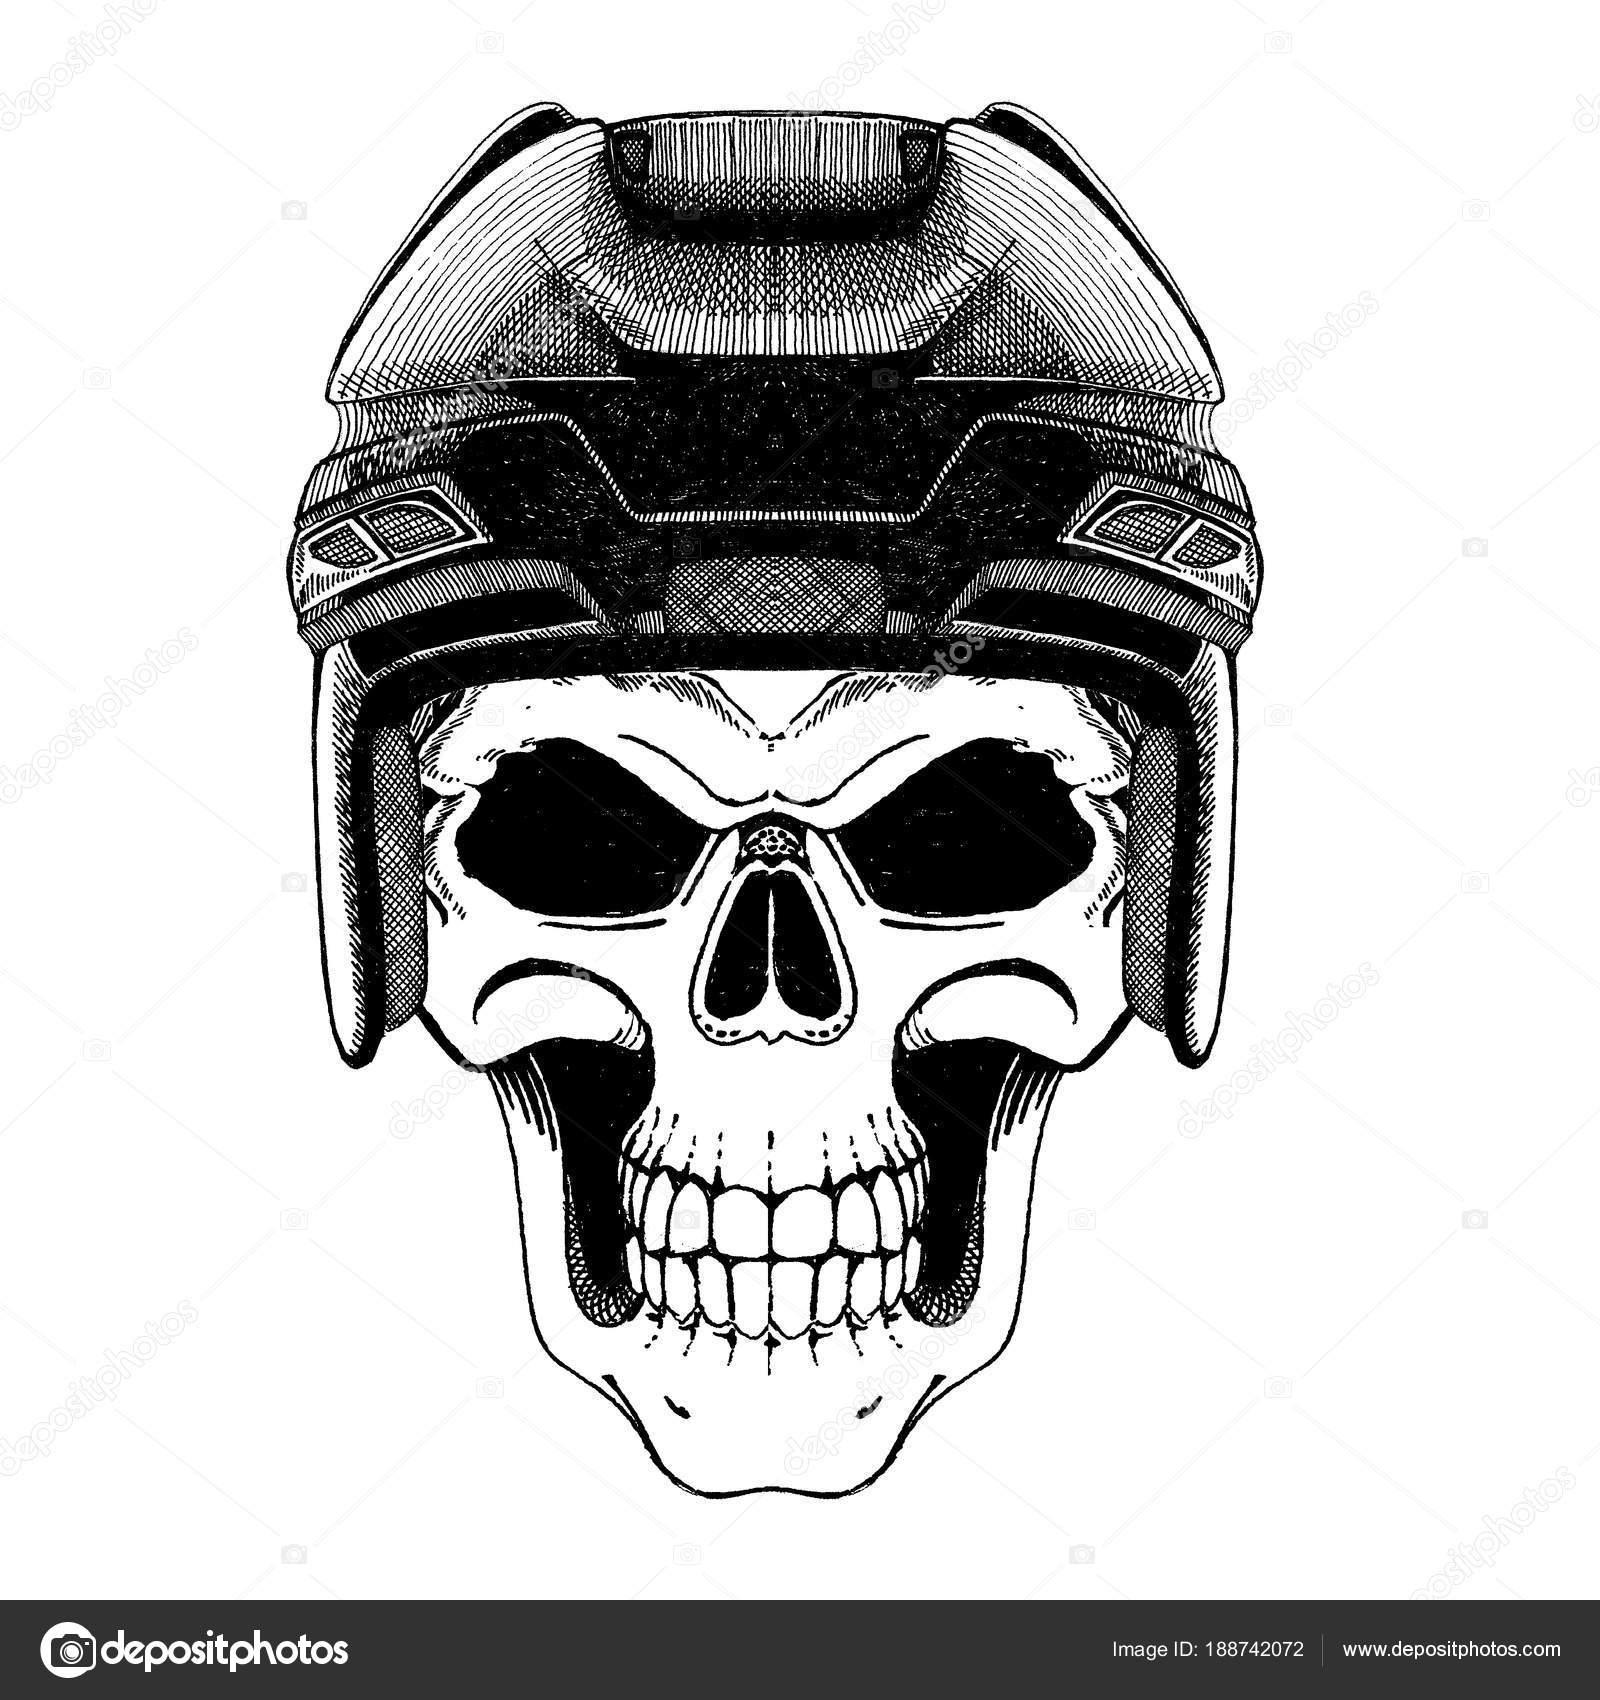 Monochrome Darstellung des Schädels. Eishockey-Spieler — Stockfoto ...